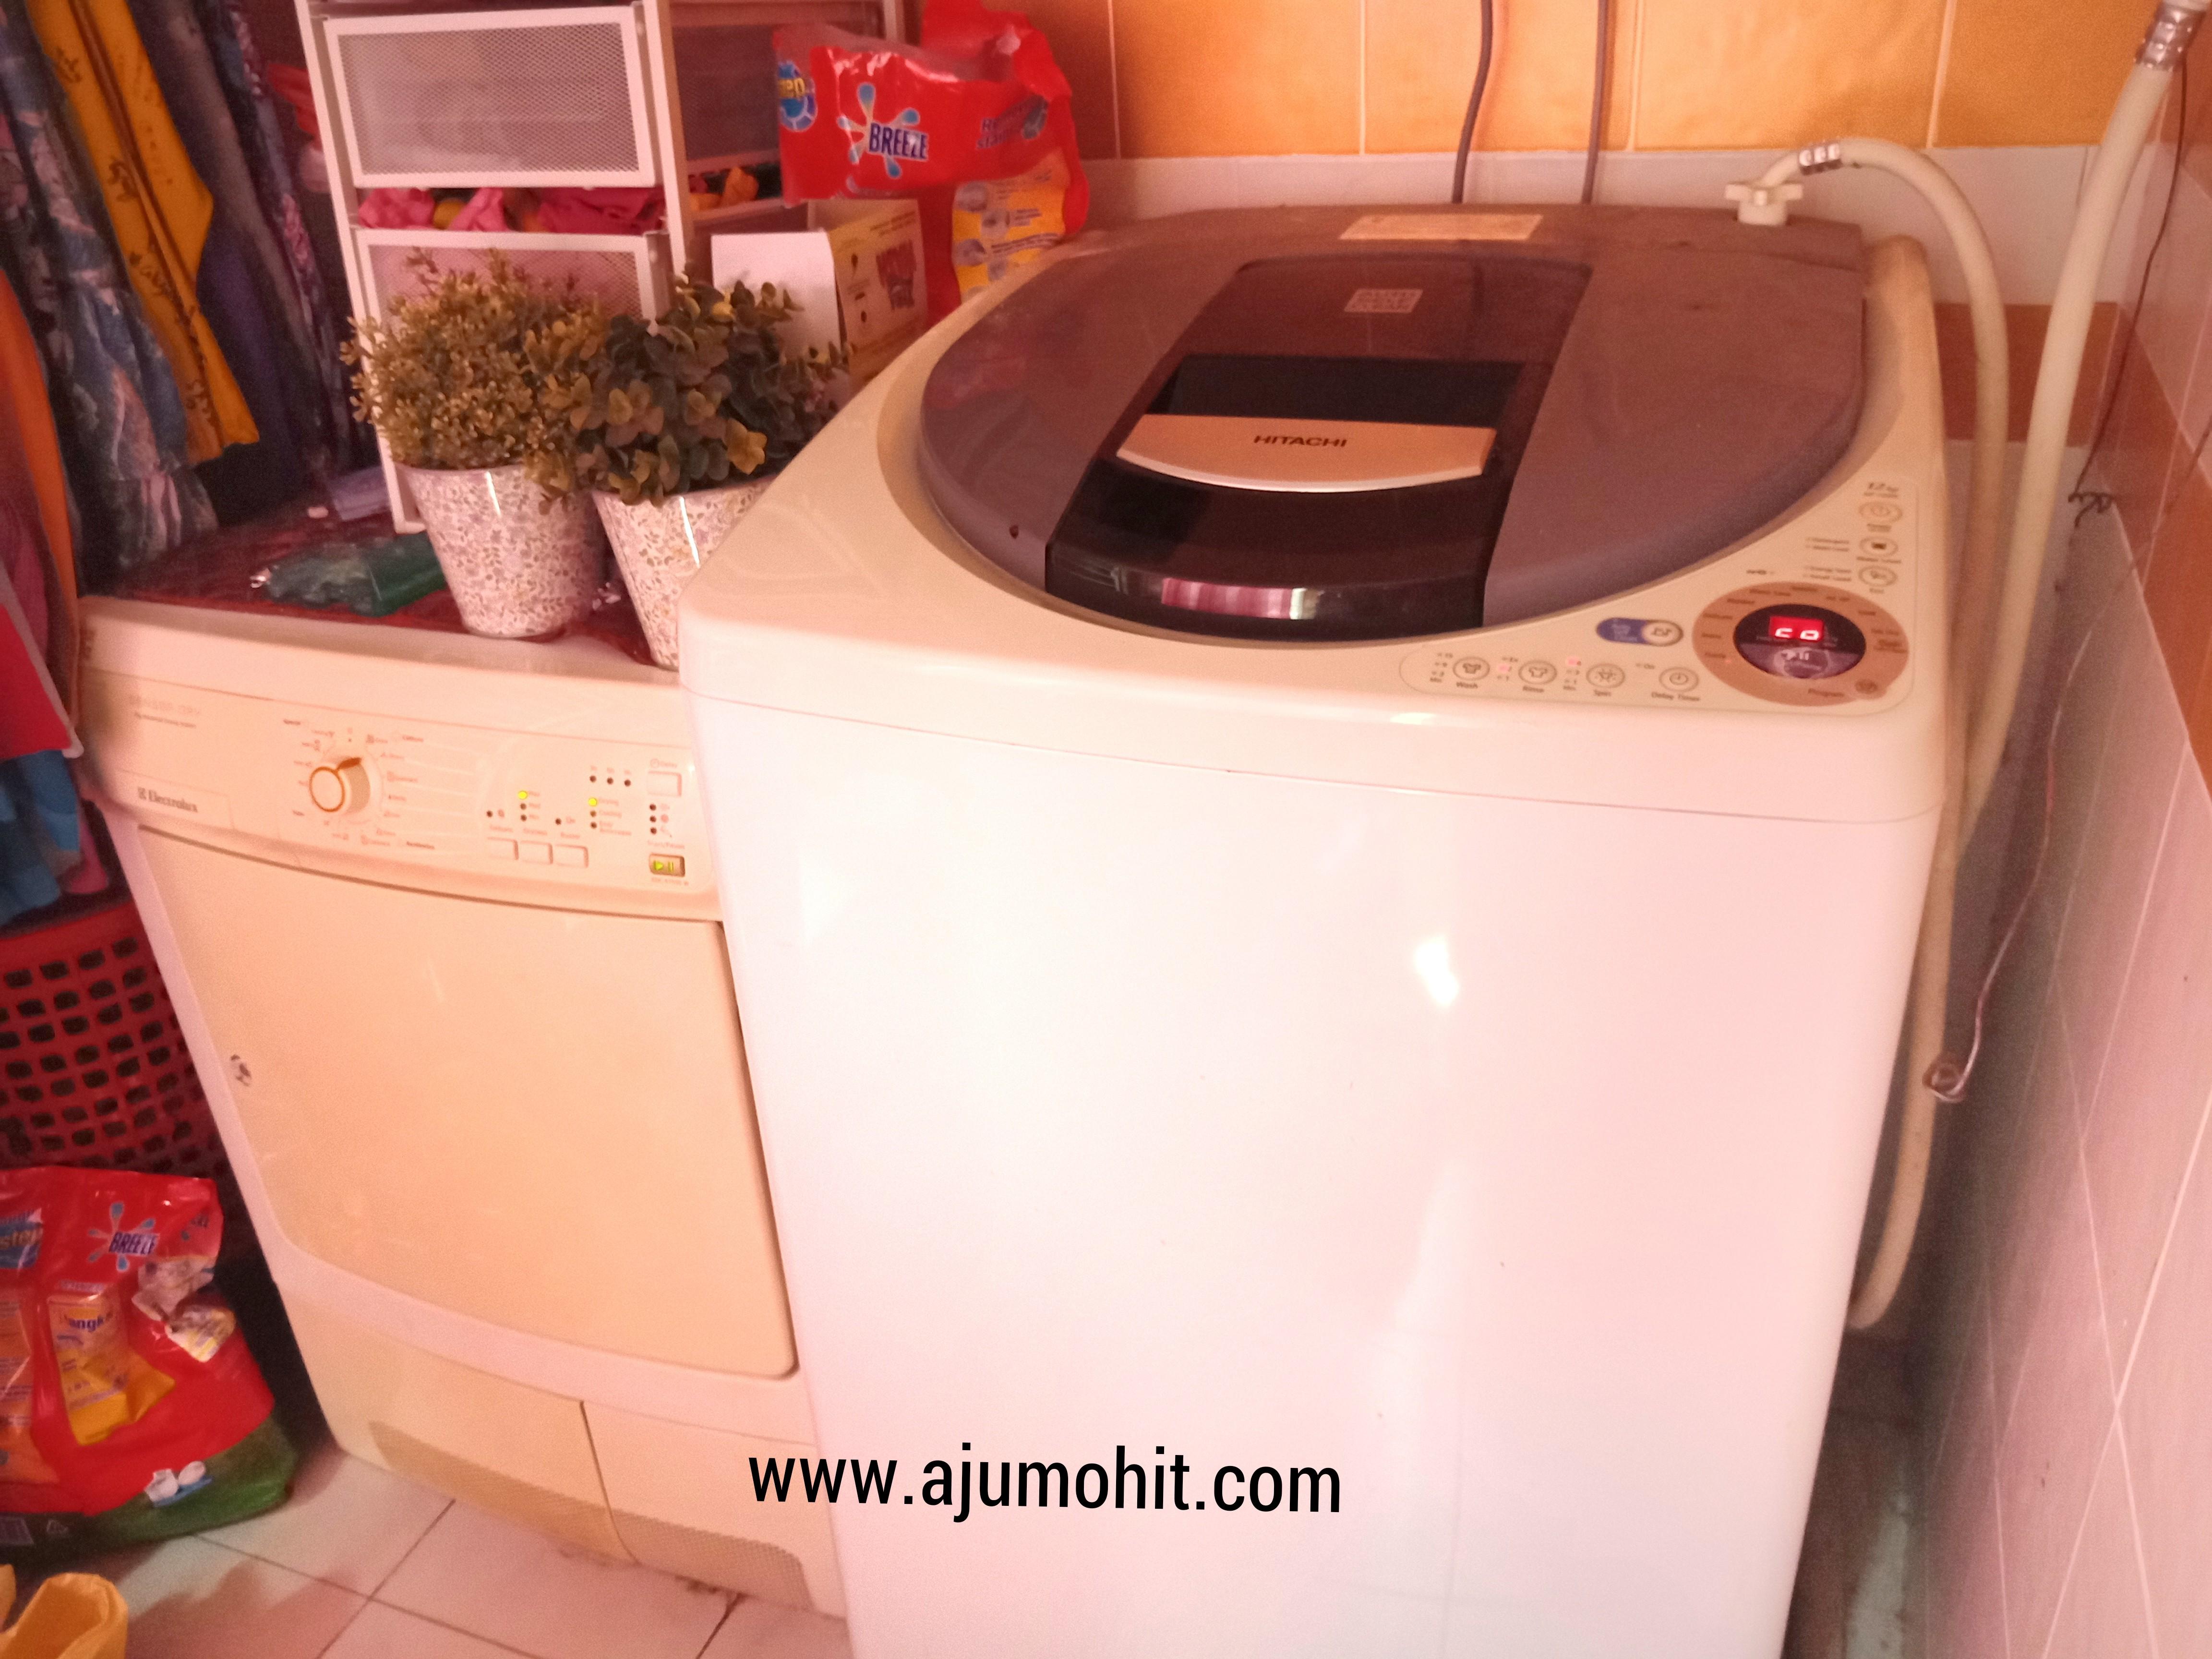 dryer electrolux ok tak